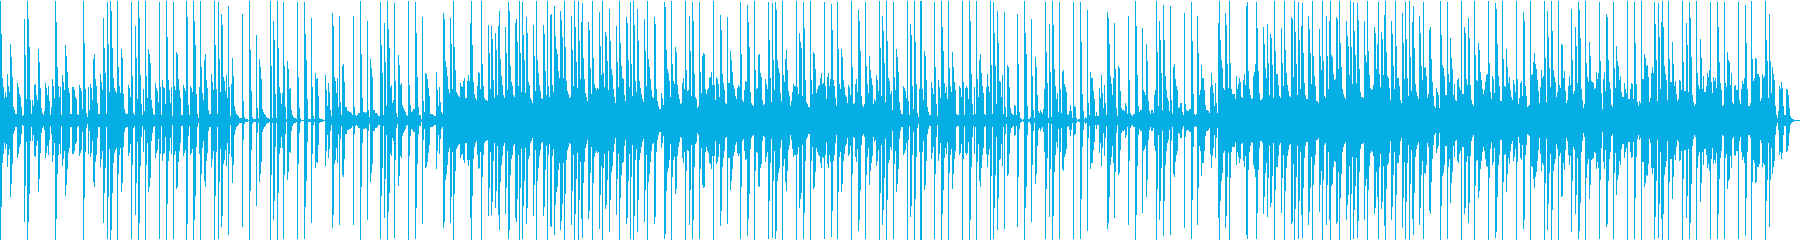 シンセメインのヒップホップビートの再生済みの波形